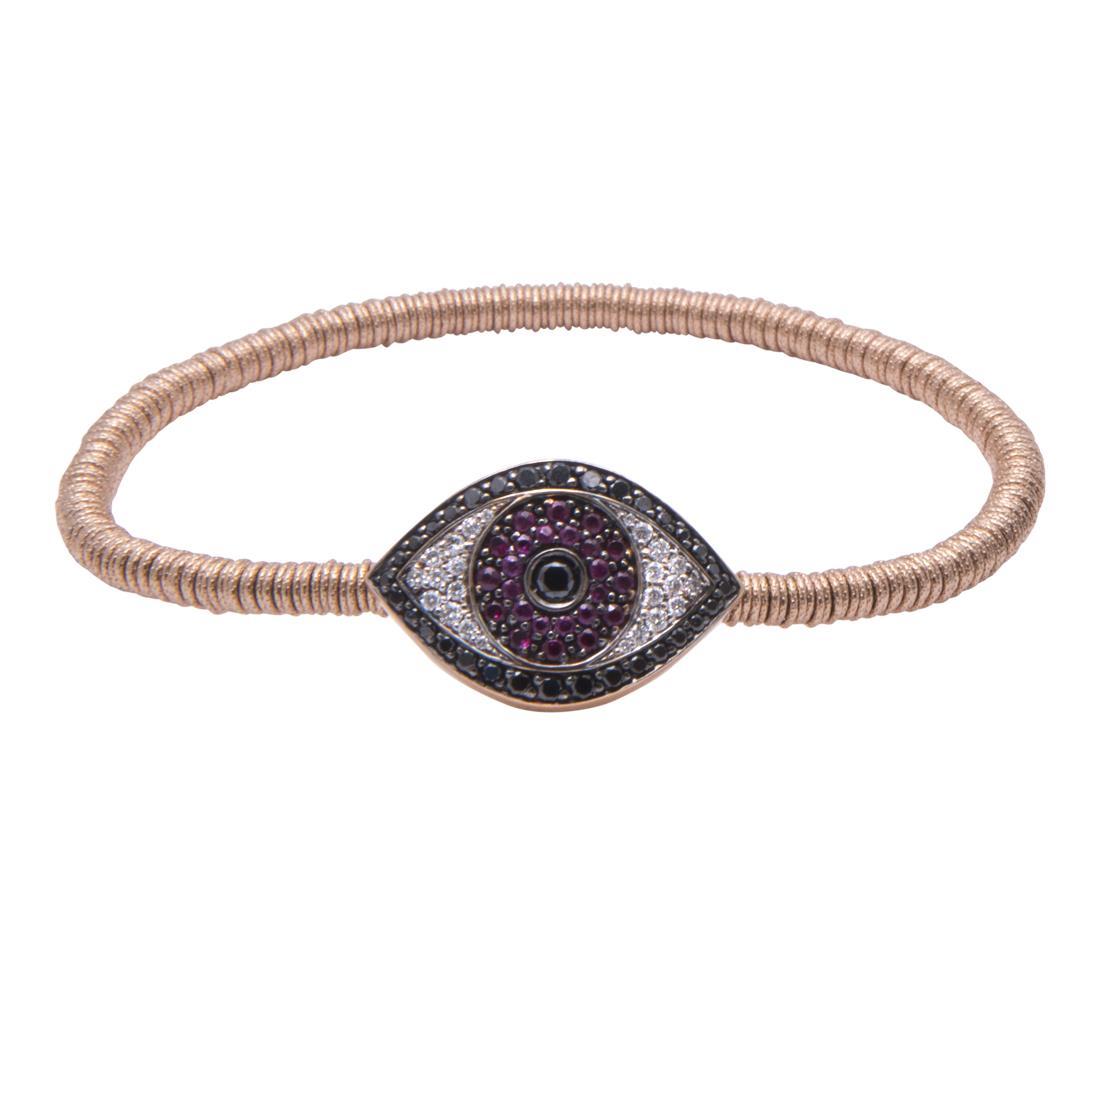 Bracciale design in oro rosso con occhio in rubini,diamanti bianchi e neri - ROBERTO DEMEGLIO